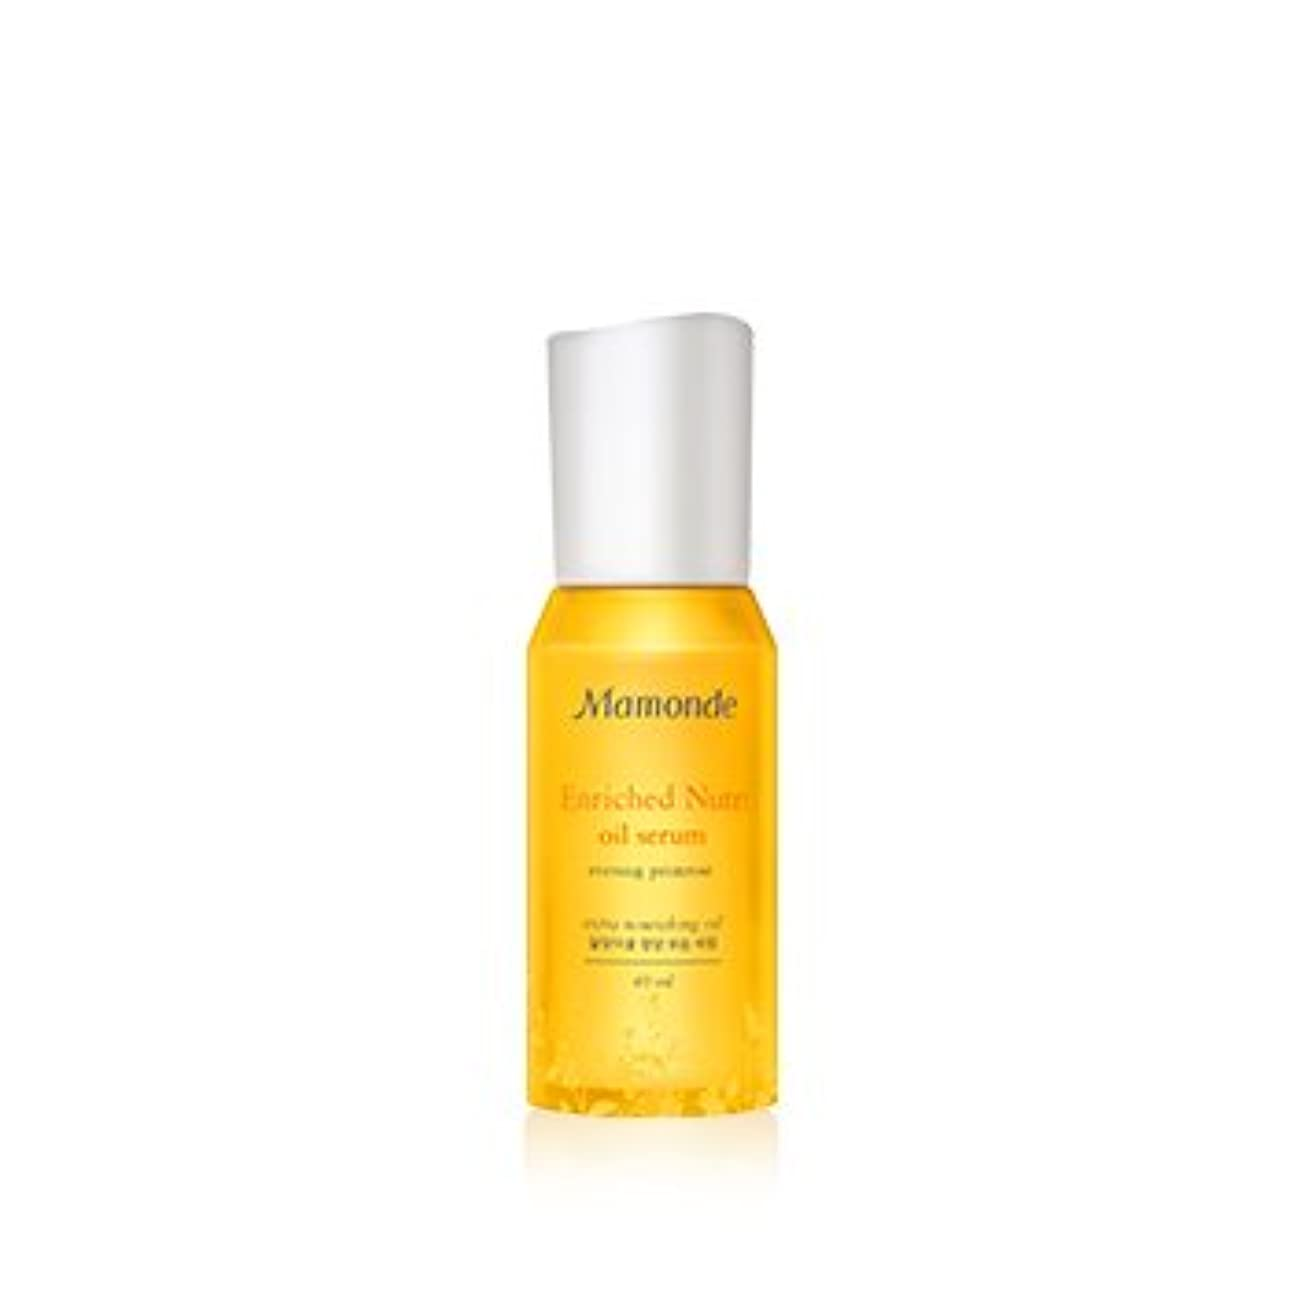 フルート許可する今後[New] Mamonde Enriched Nutri Oil Serum 40ml/マモンド エンリッチド ニュートリ オイル セラム 40ml